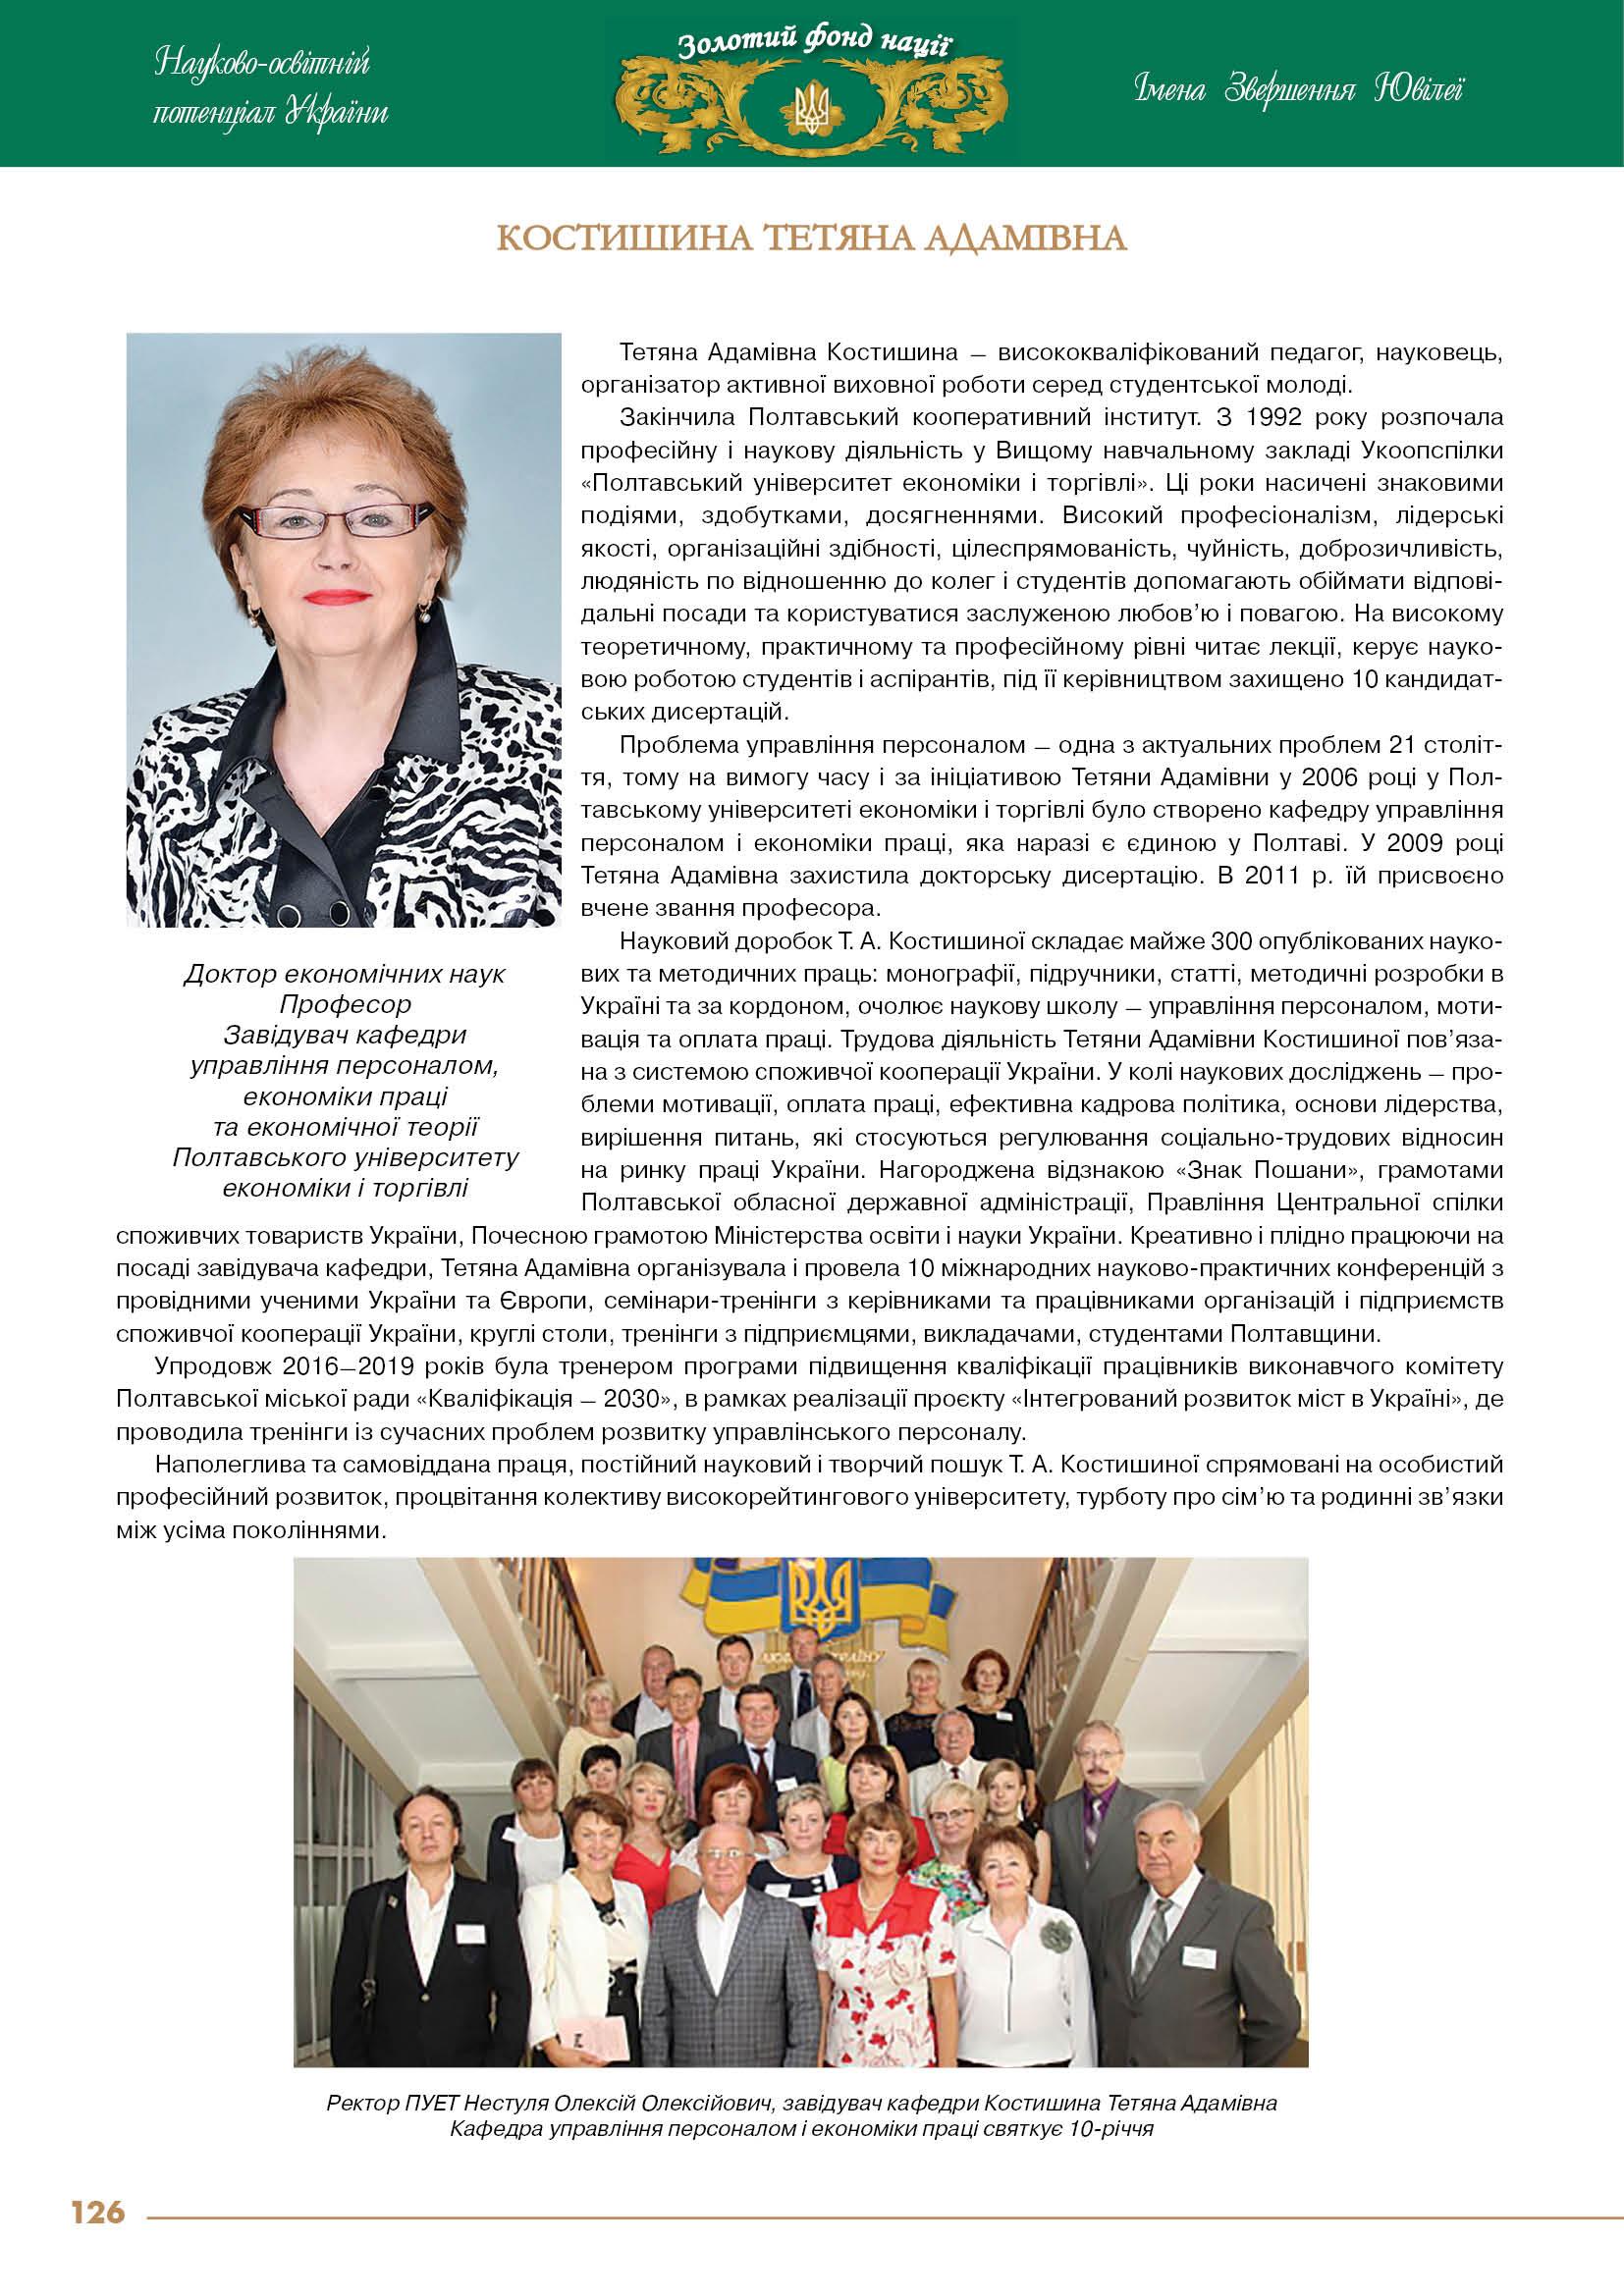 Костишина Тетяна Адамівна